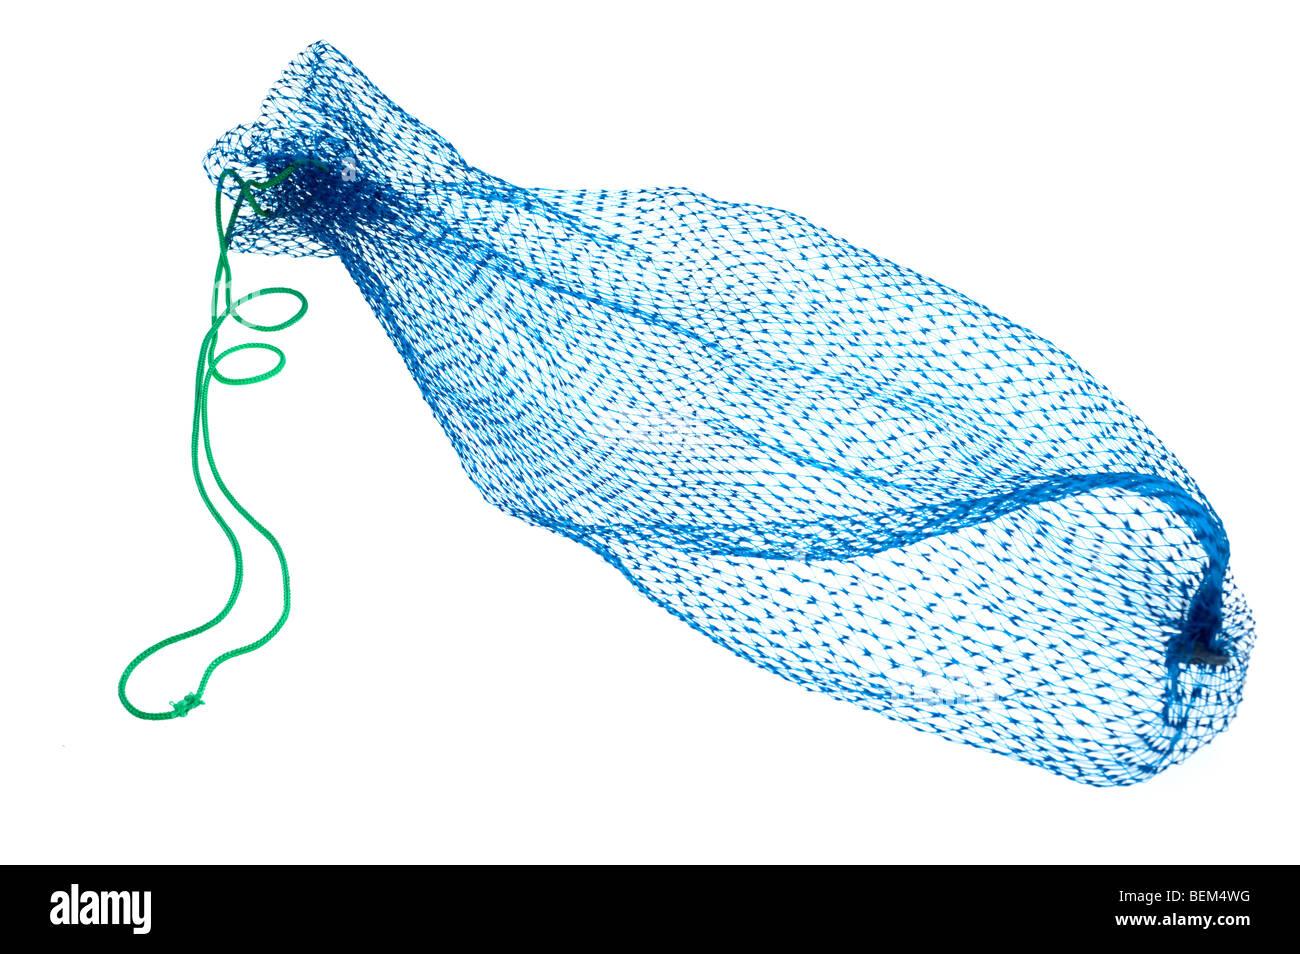 Blue nylon mesh net bag - Stock Image